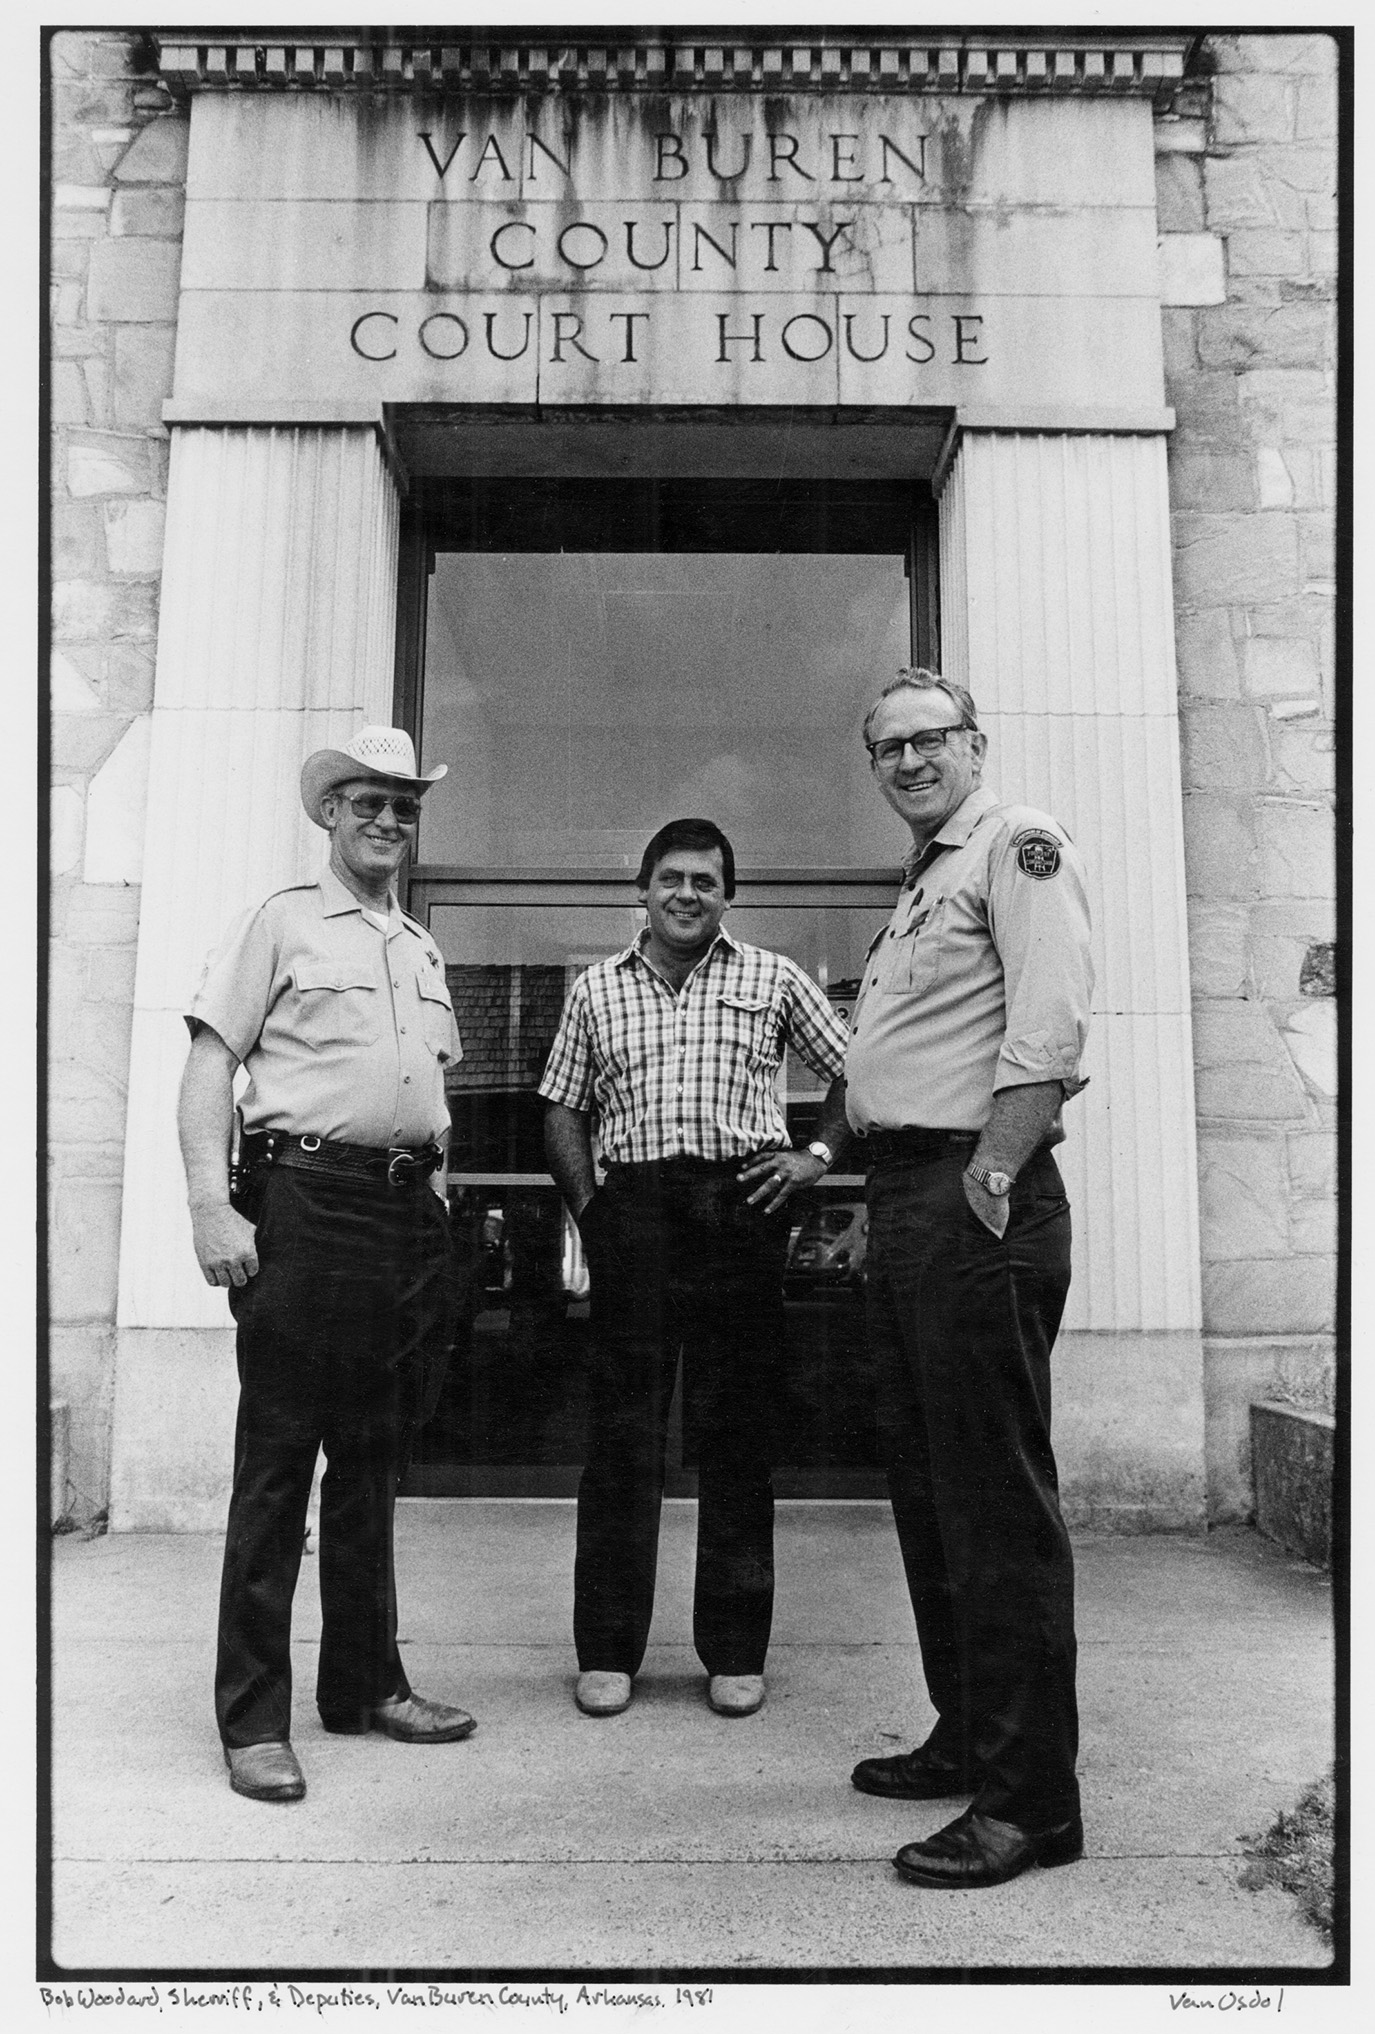 Sherriff and Deputies, Van Buren County, Arkansas, 1981